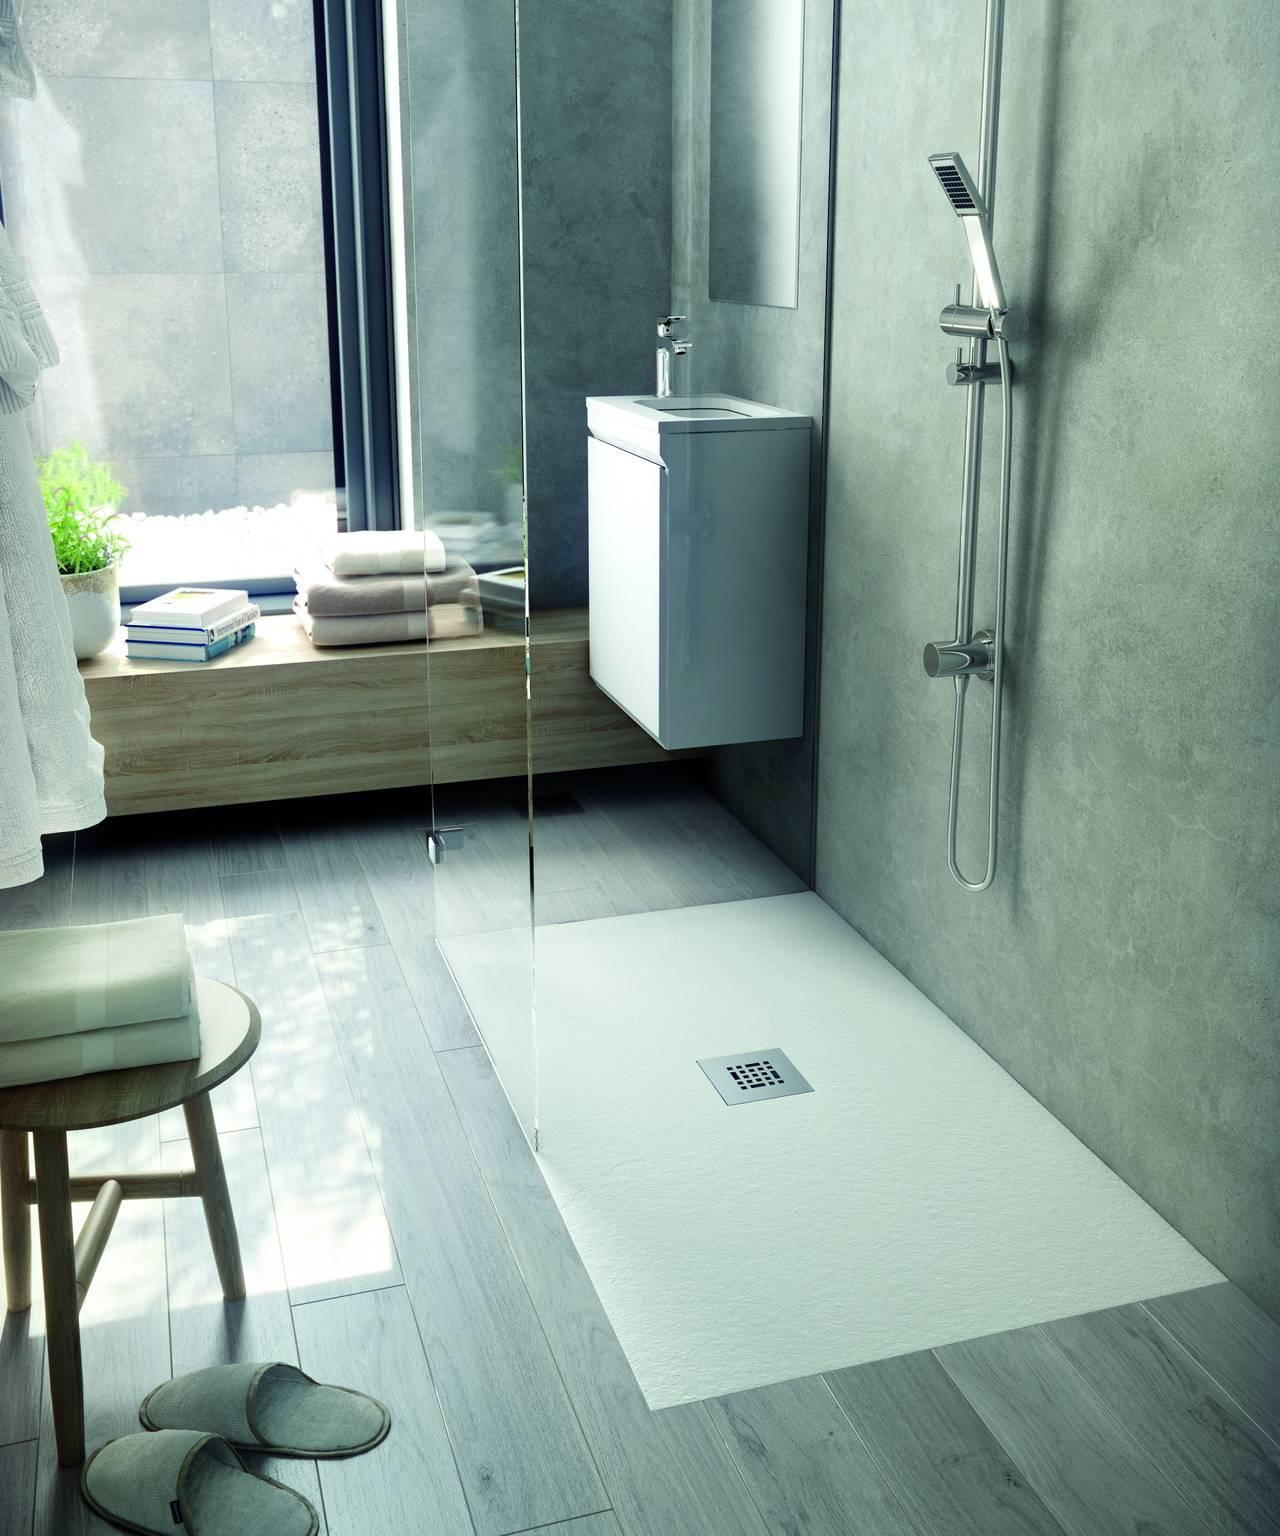 Innovazione anche nel piatto doccia area - Piatto doccia incassato nel pavimento ...